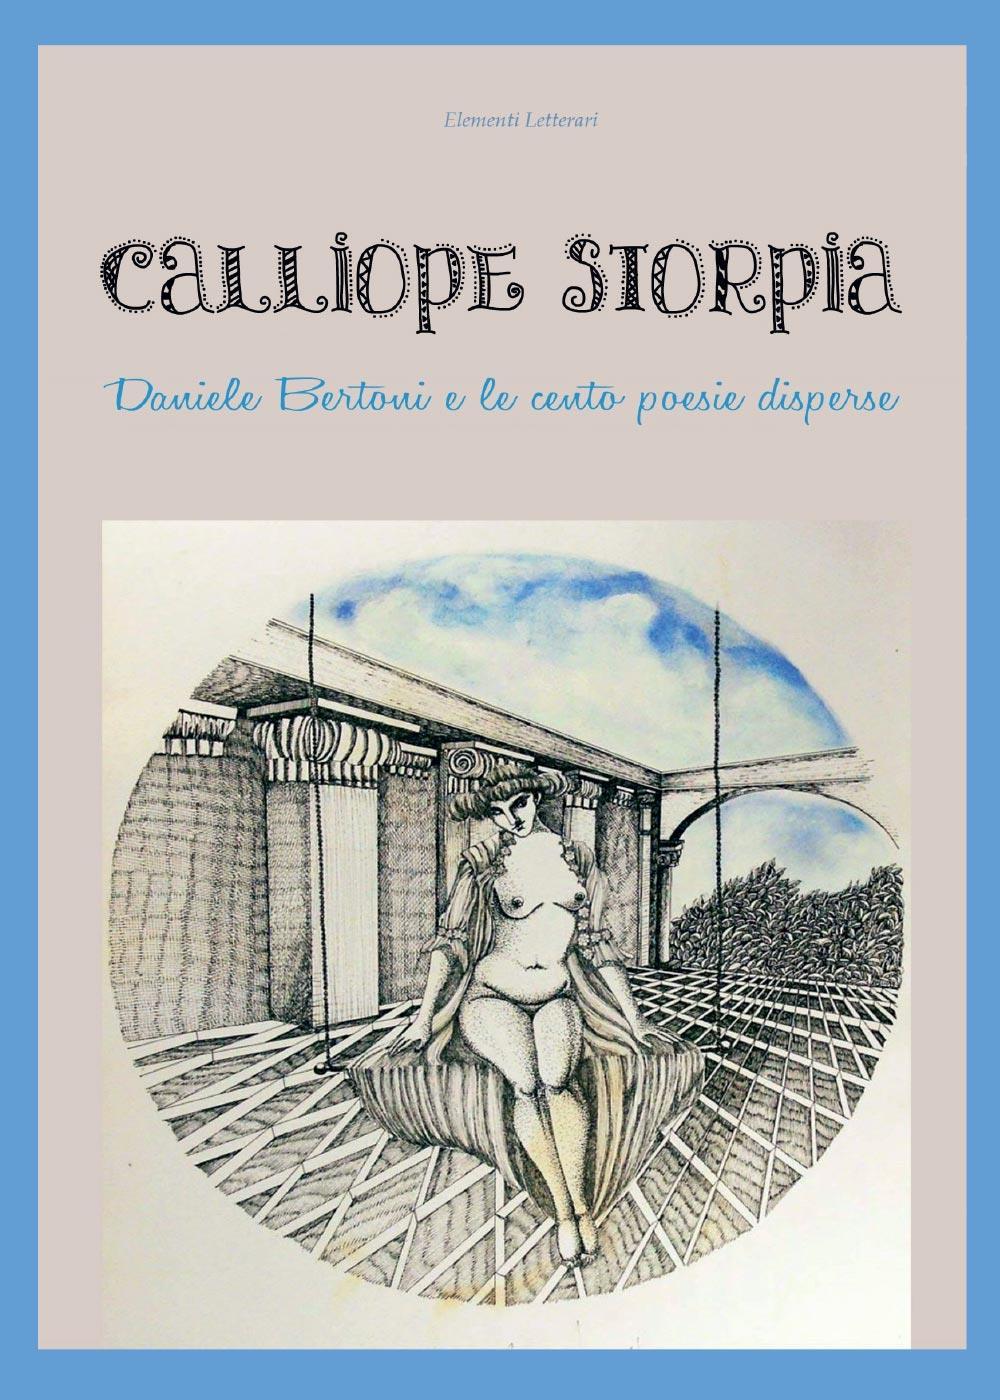 Calliope Storpia